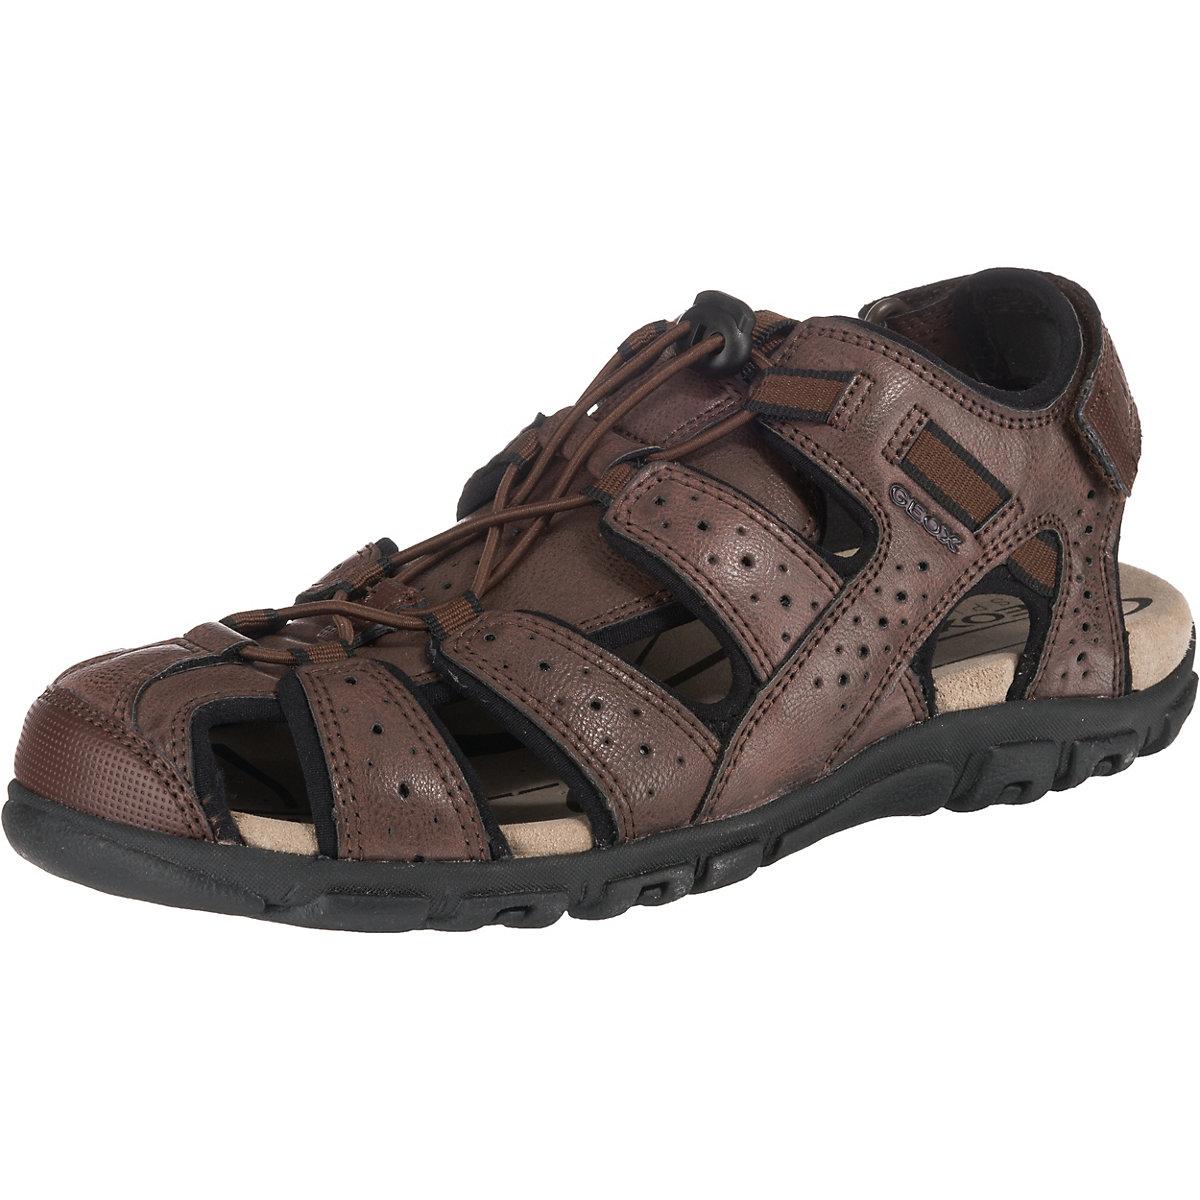 GEOX, Klassische Sandalen, braun